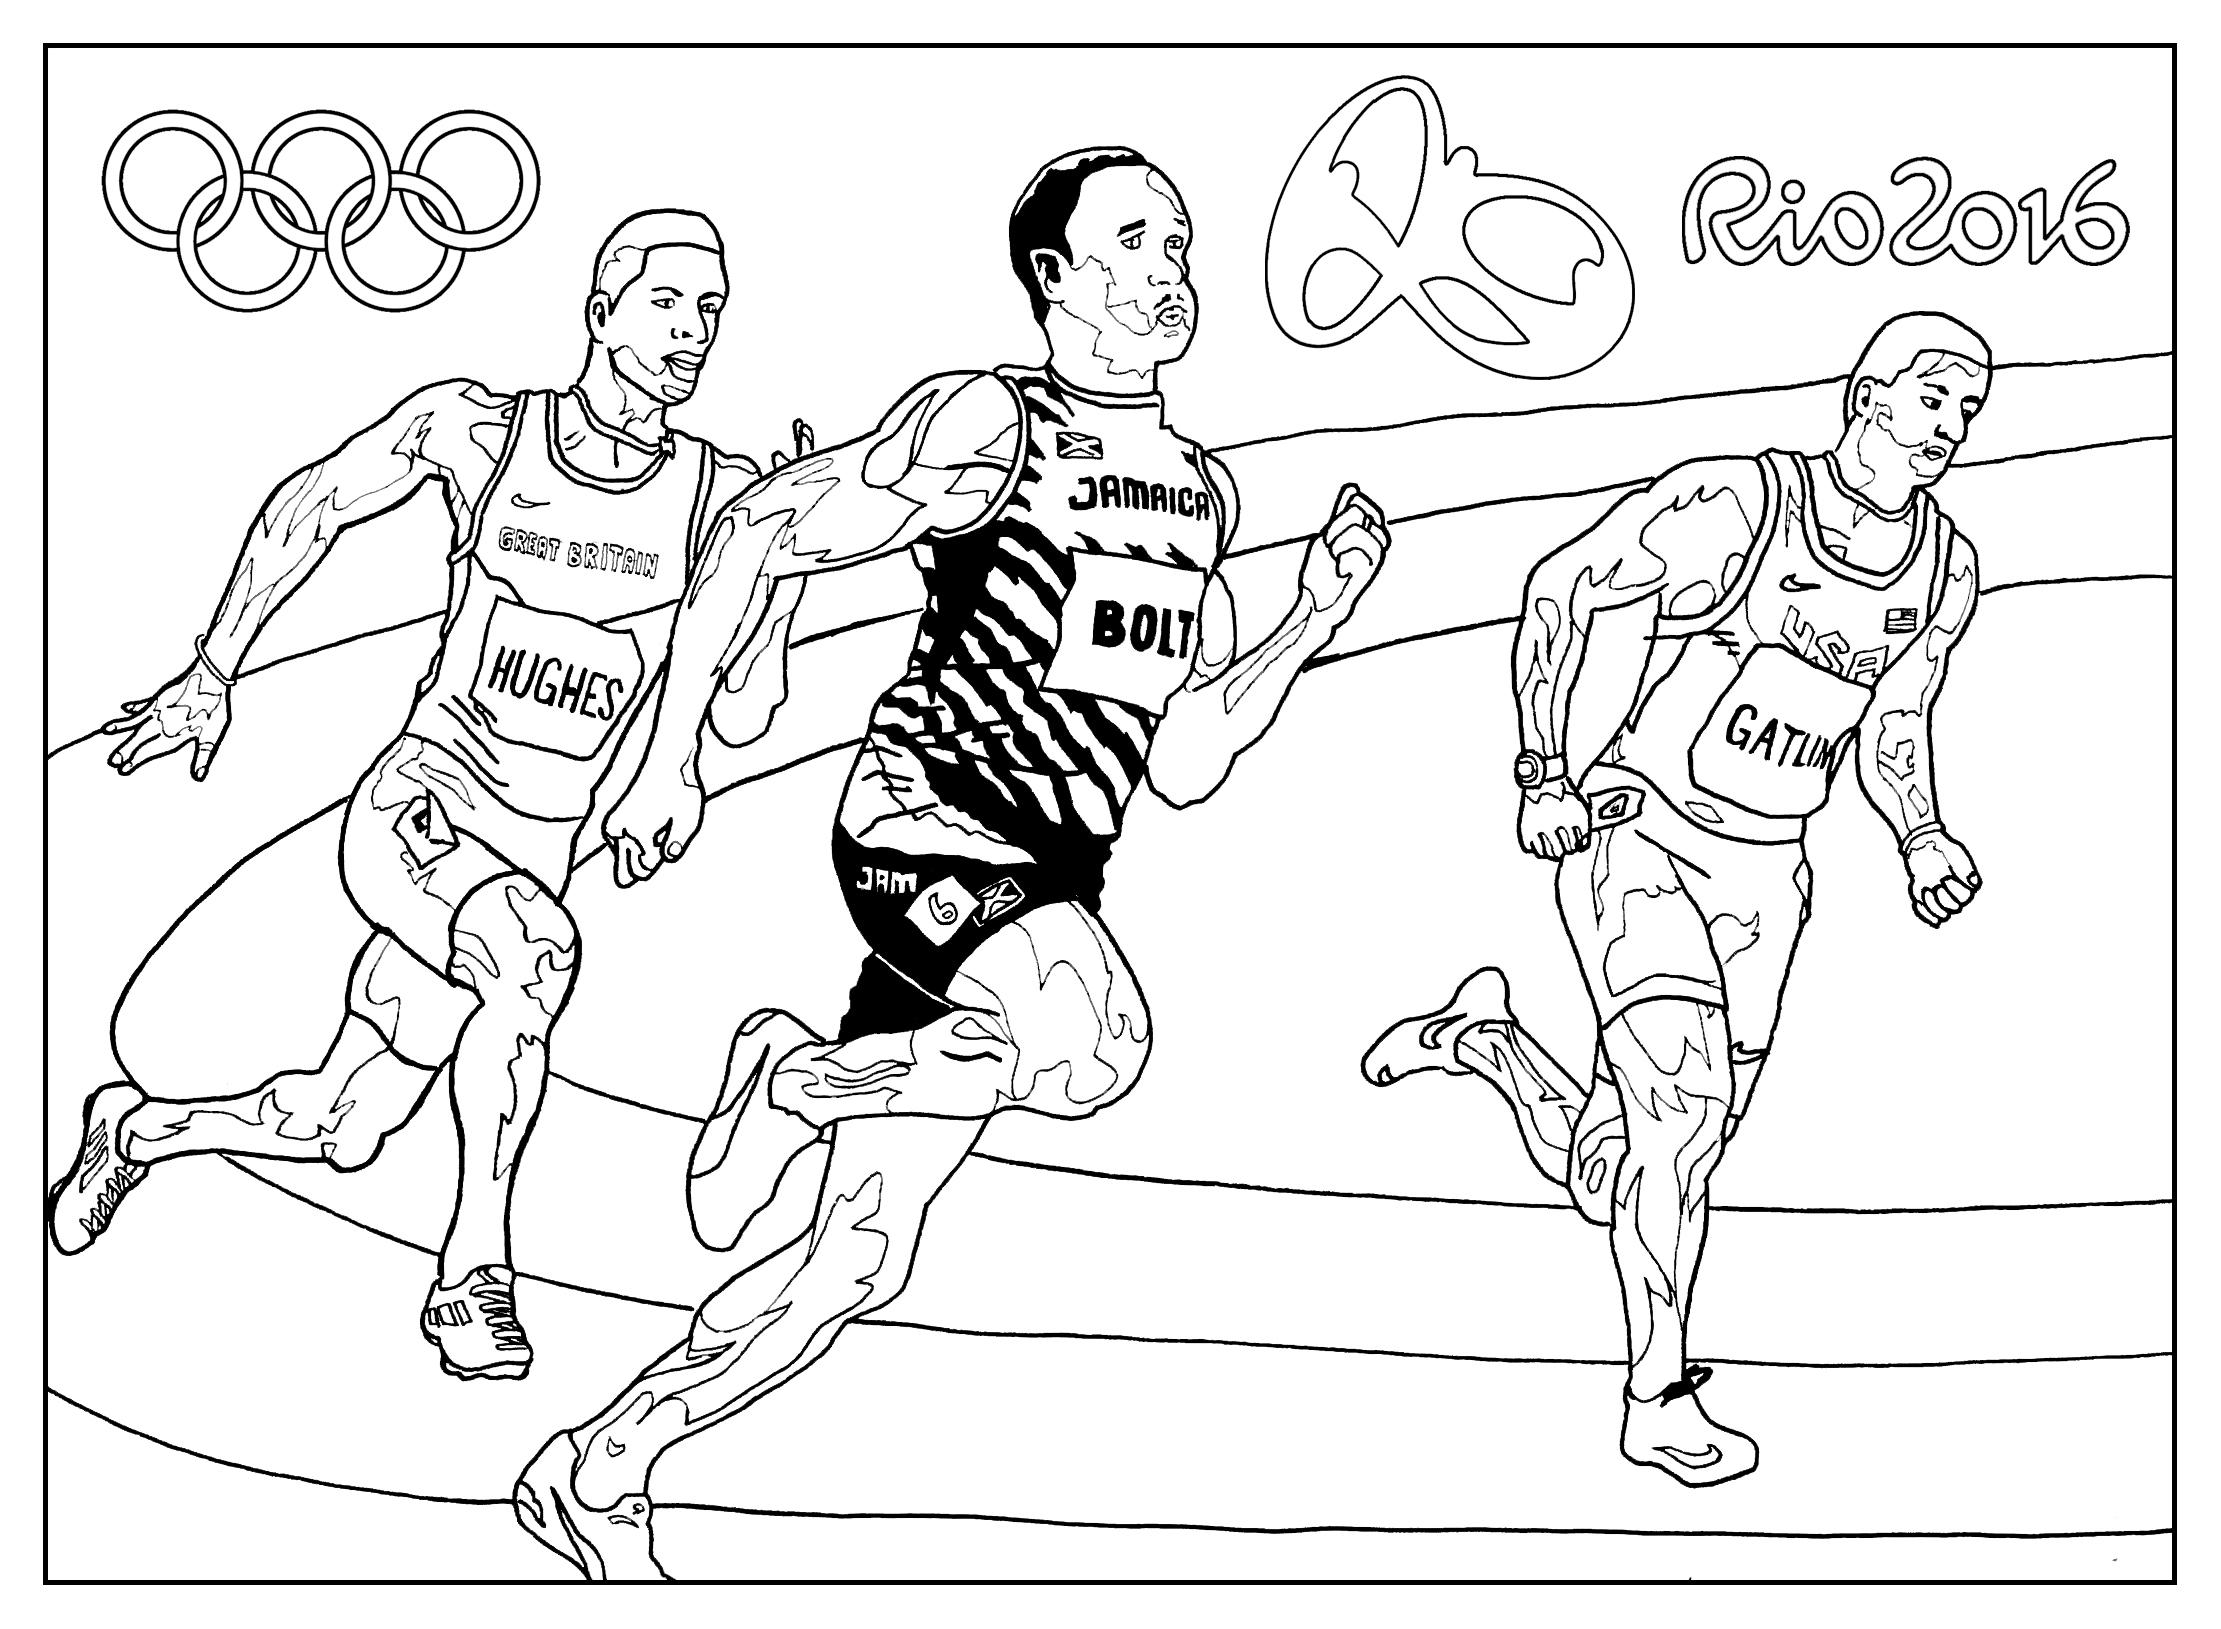 Jeux Olympiques de Rio 2016 : L'Athlétisme